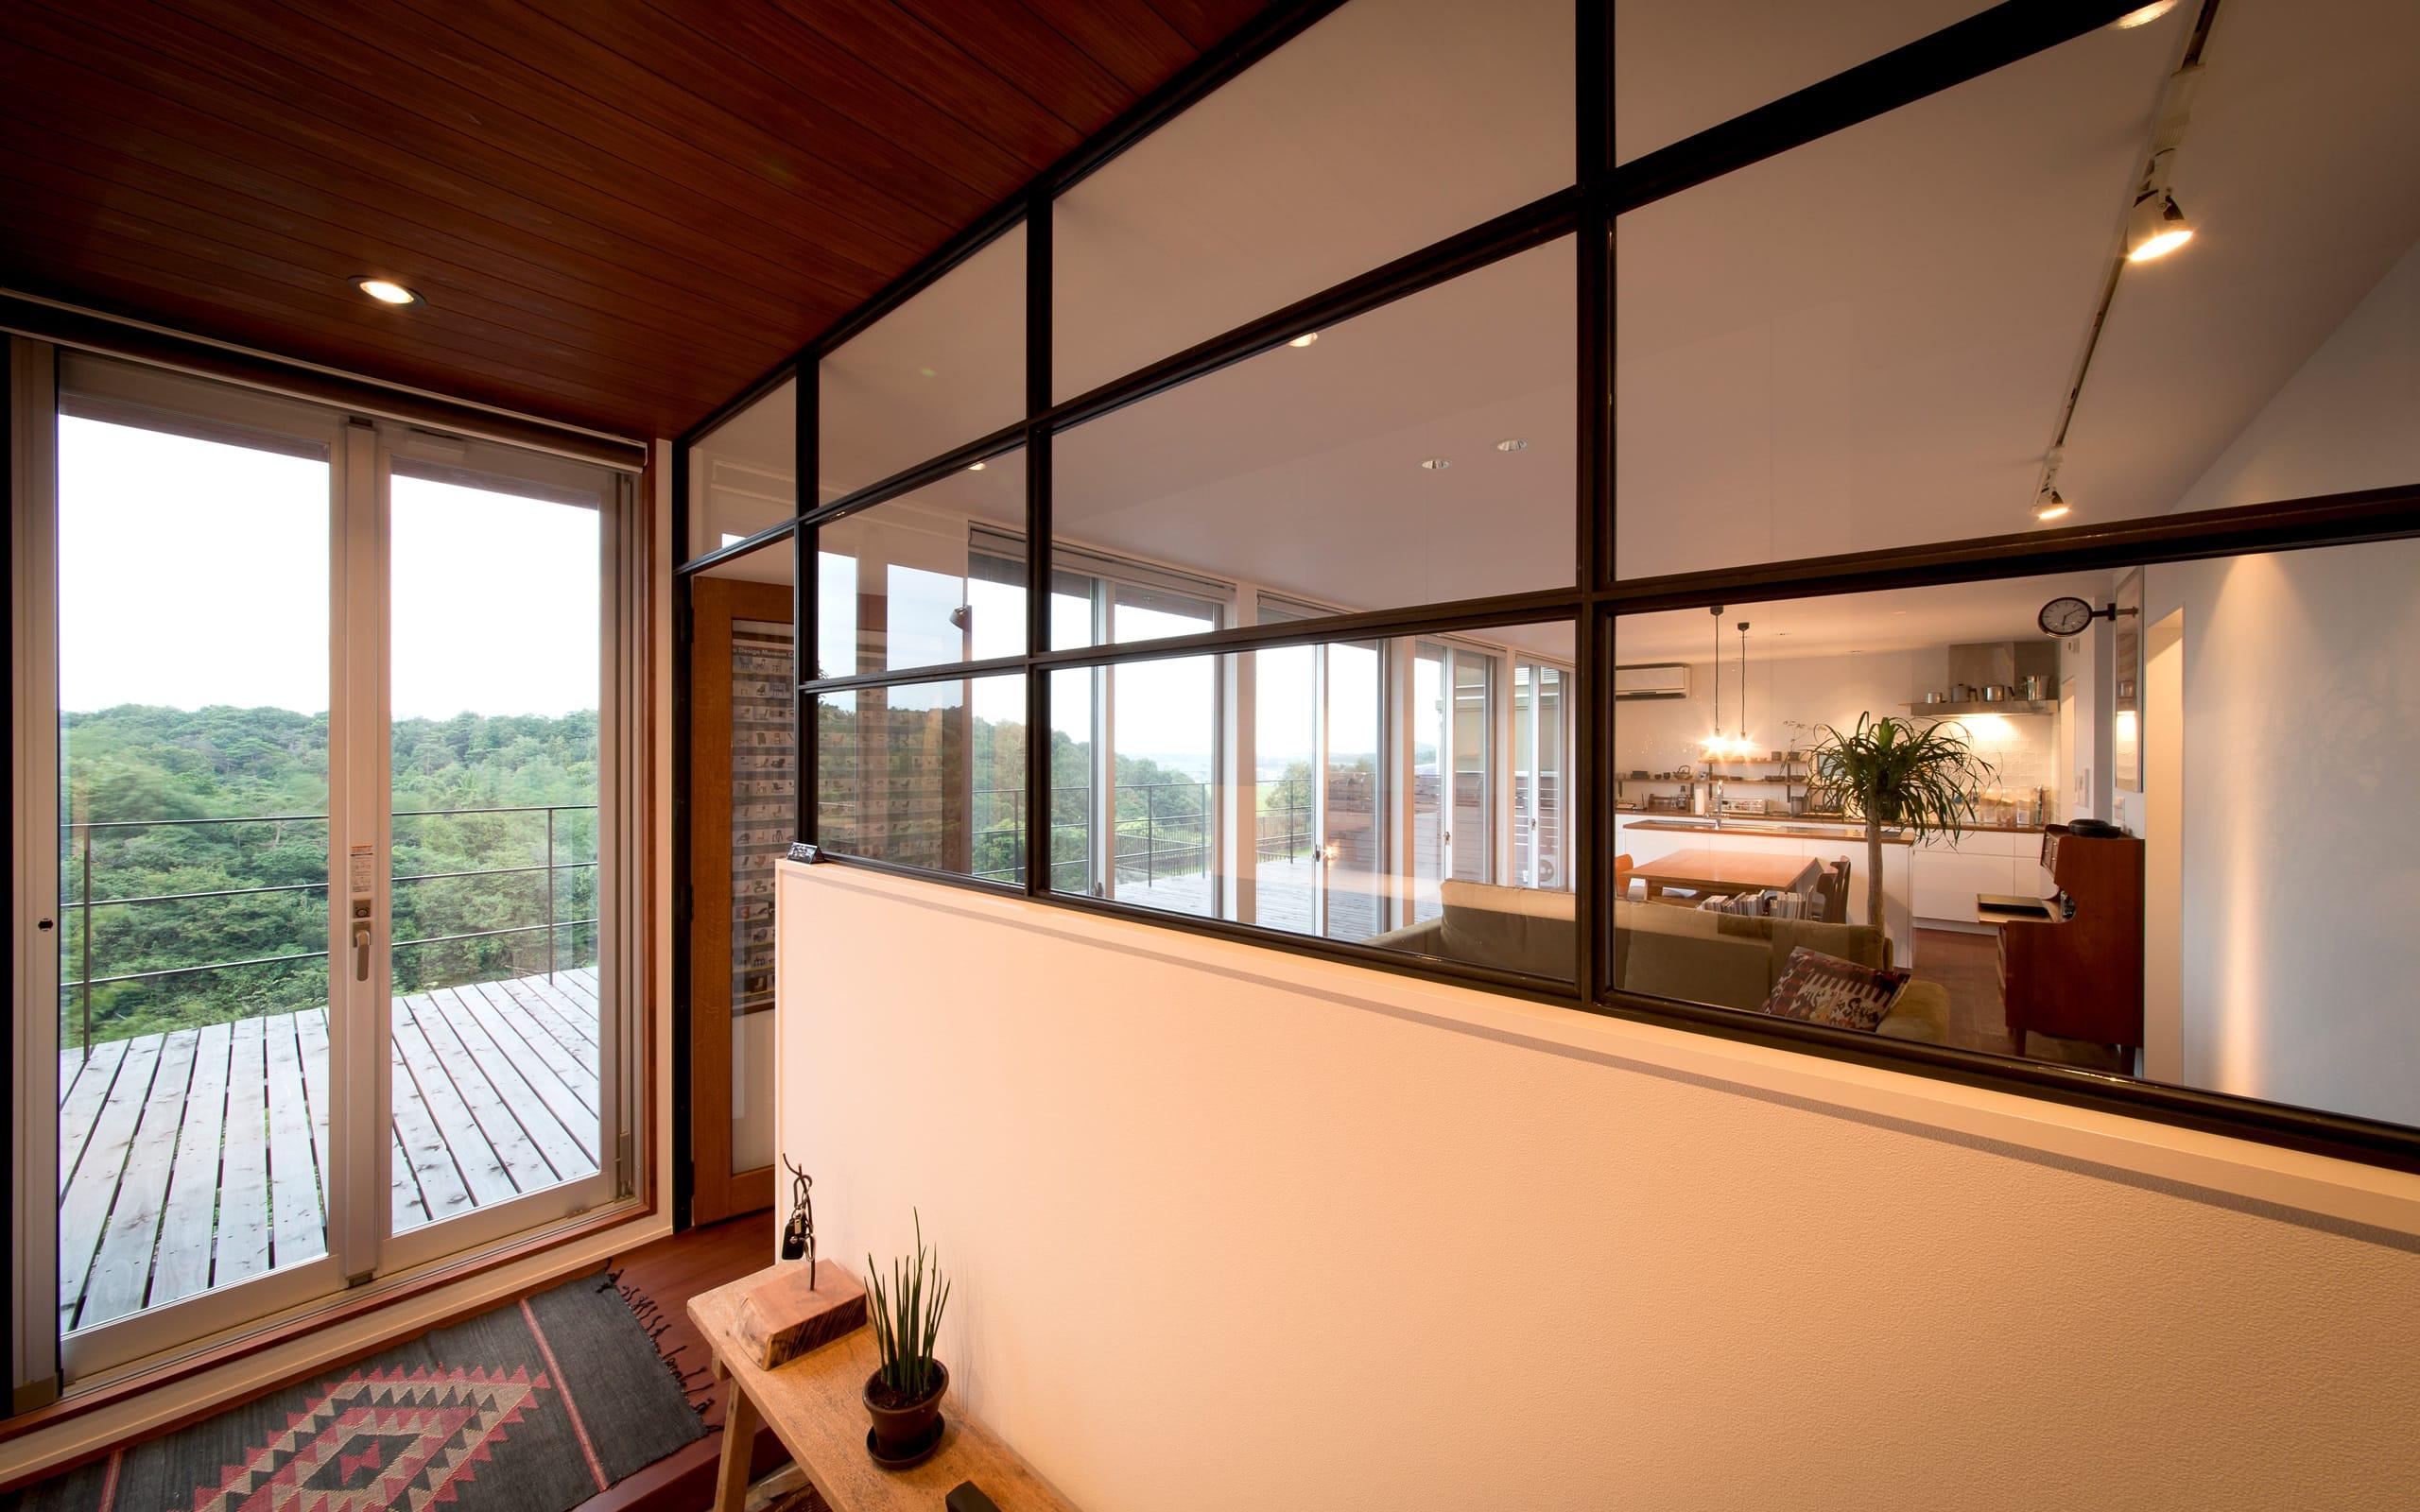 傾斜地に建つアウトドアデッキのある家の玄関(土間・ホール)4